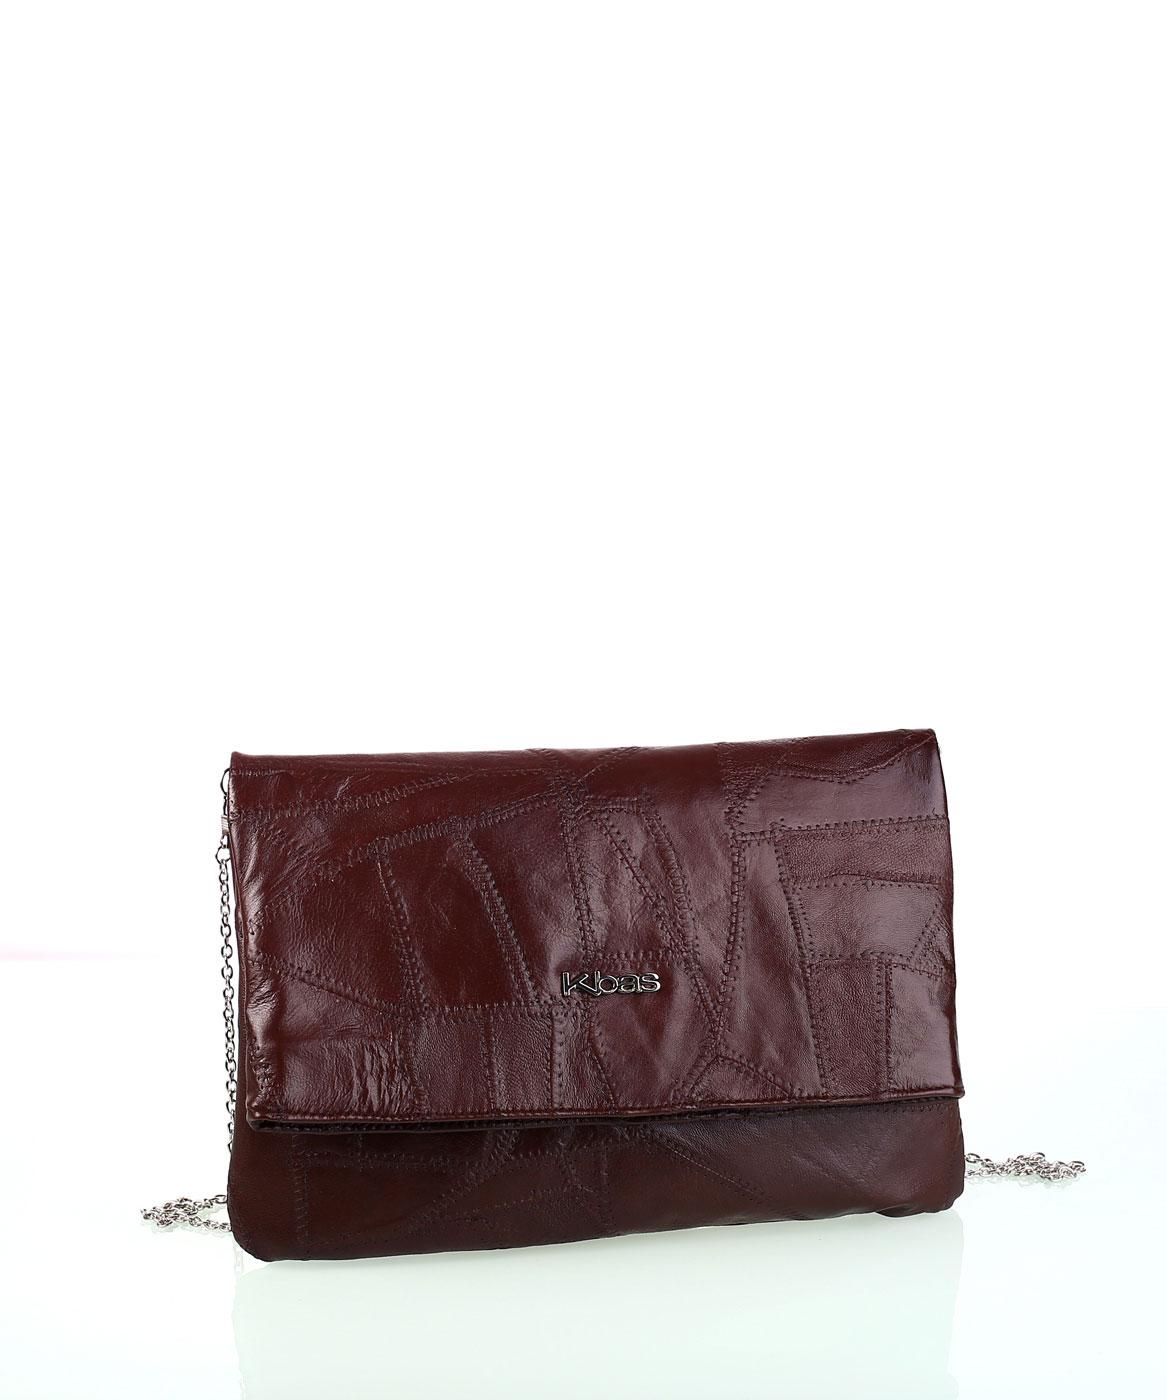 Dámska kožená kabelka s retiazkou cez rameno Kbas hnedá  5e20459e9b5